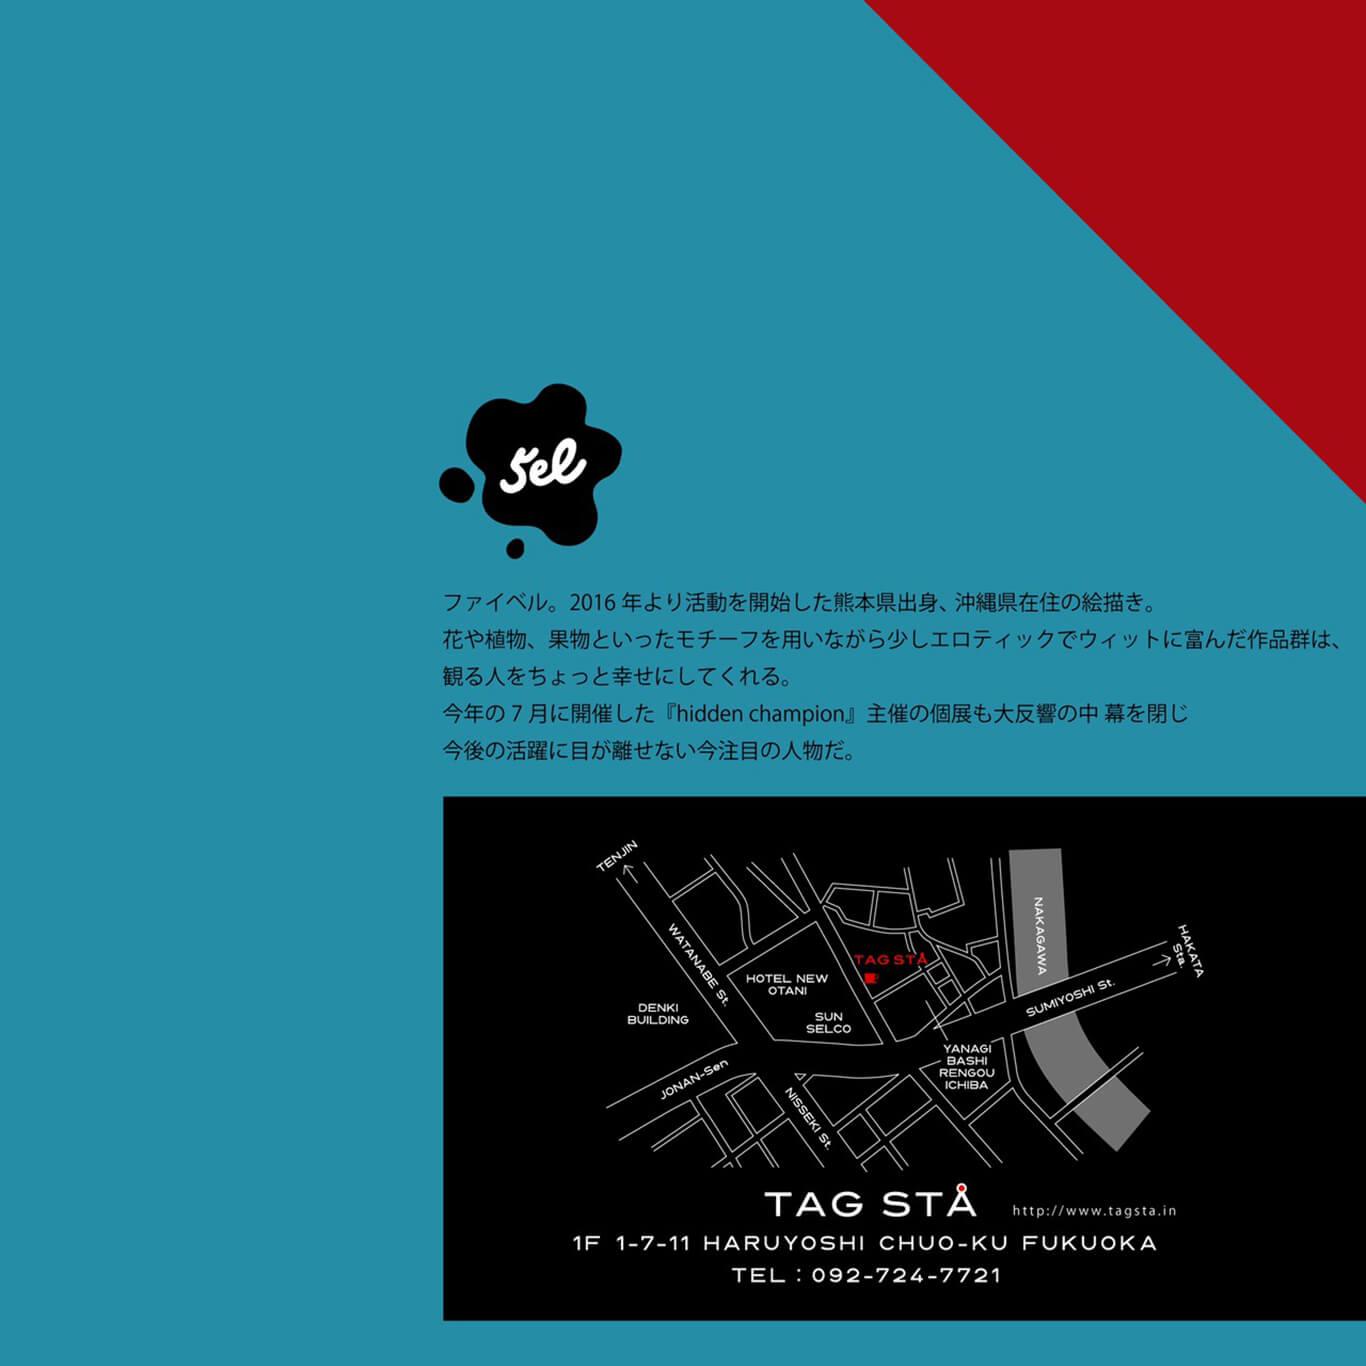 tagsta-202109-5eL 個展